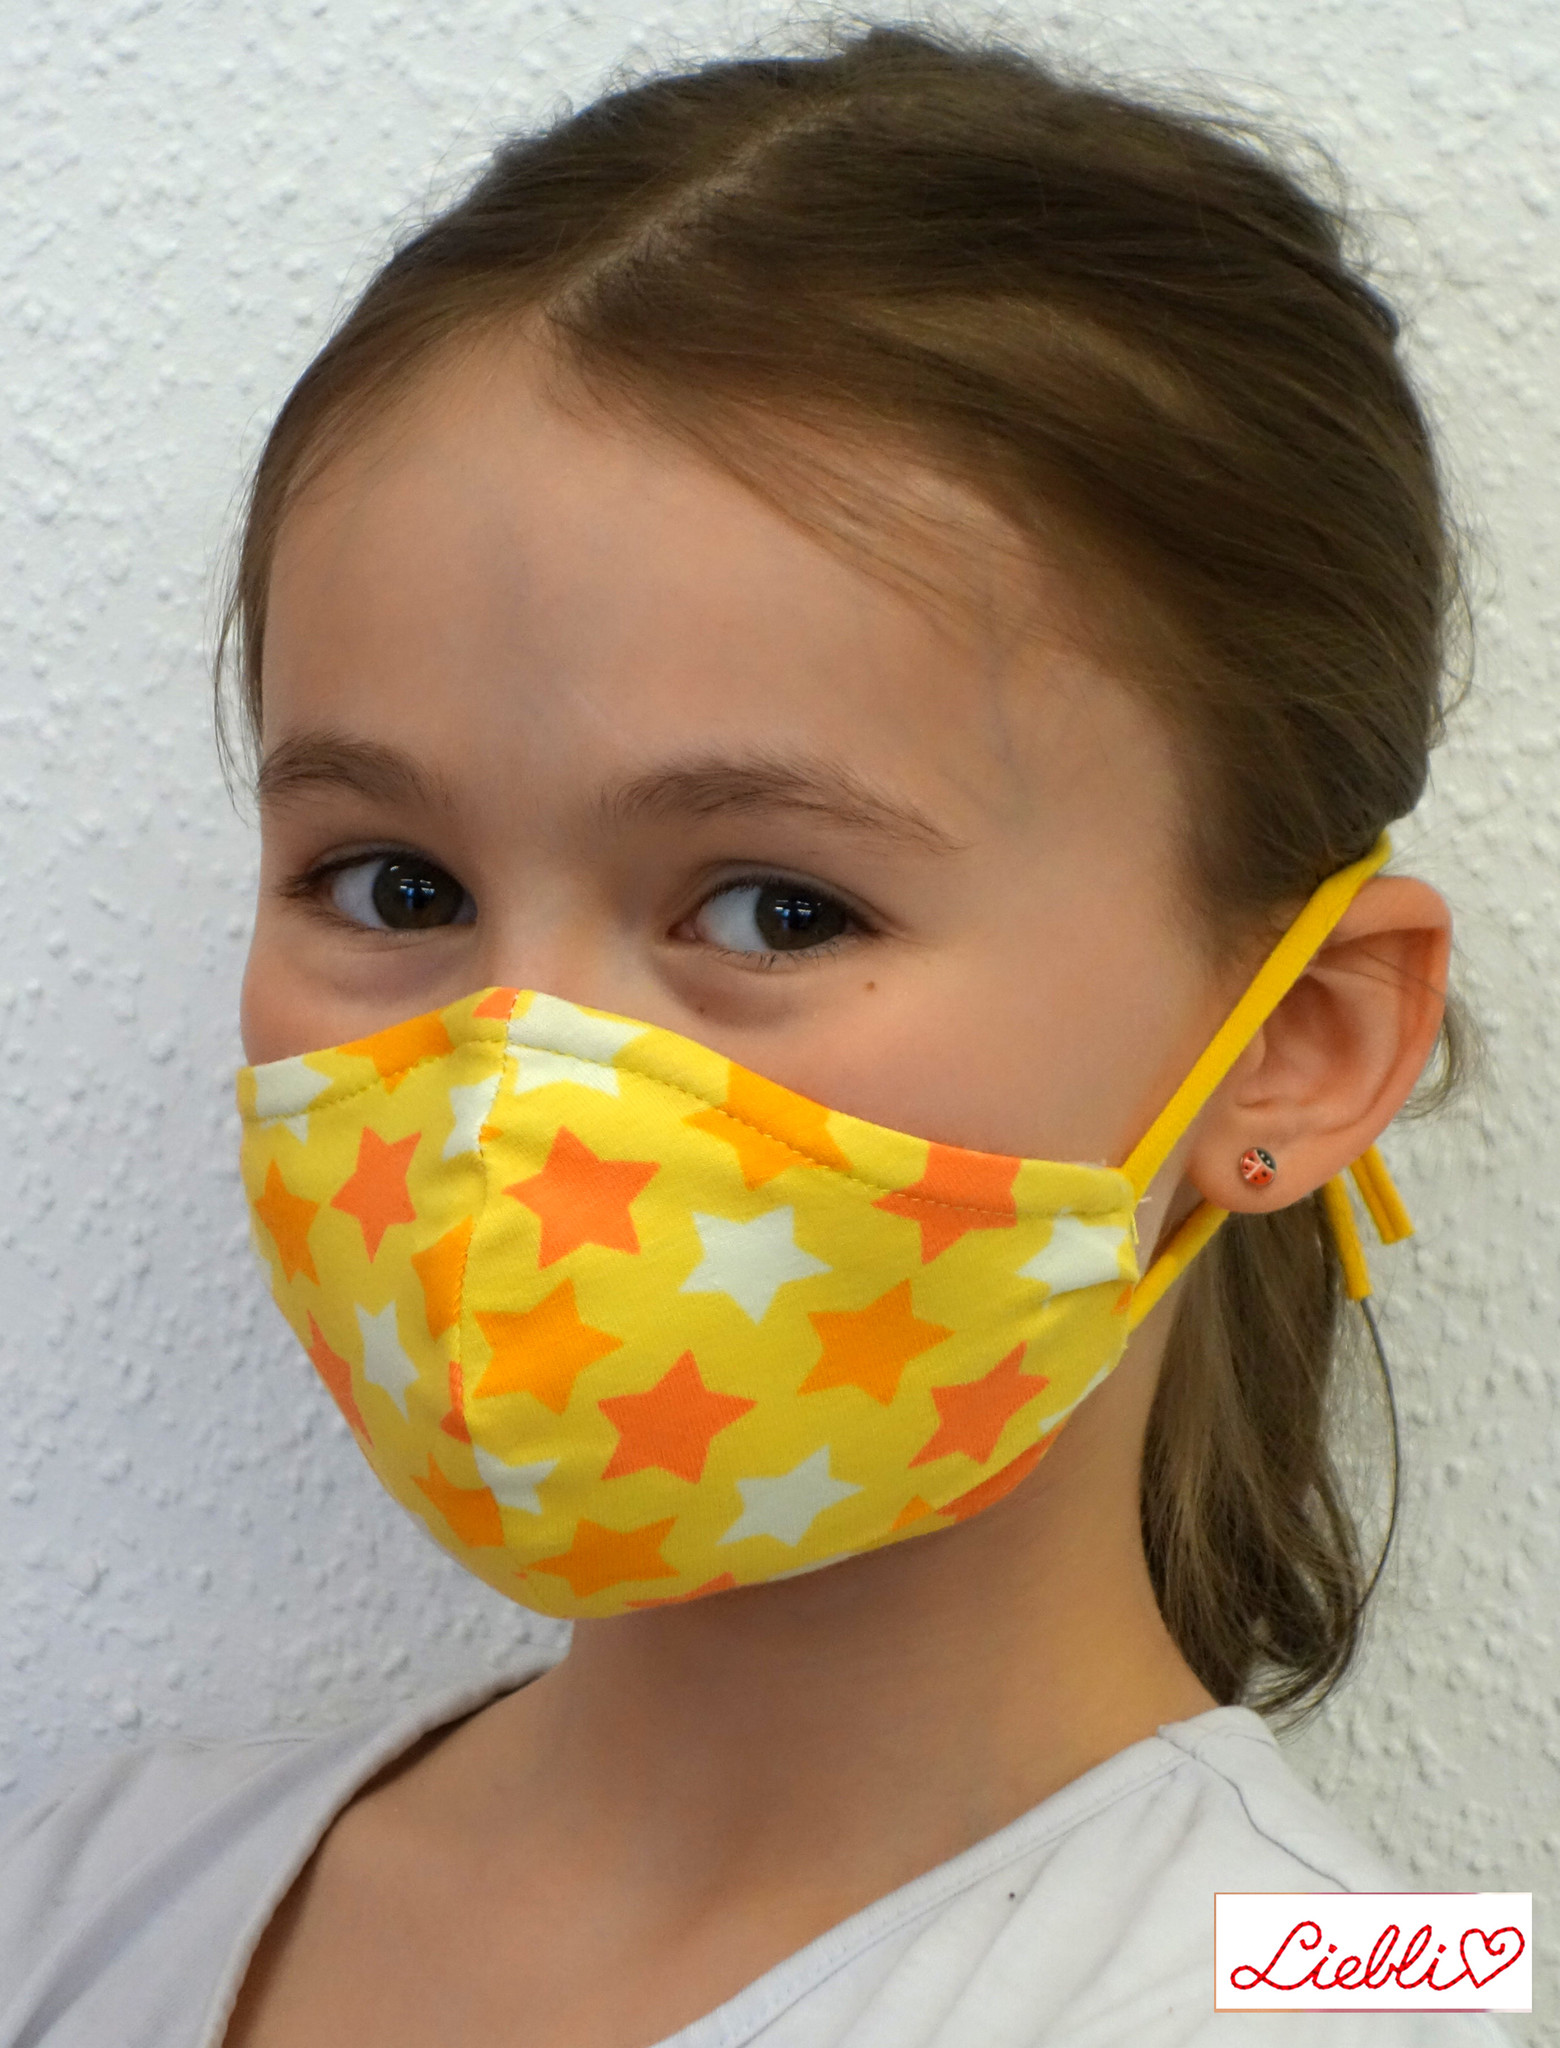 Kindermaske, Kinder Mundschutz, Mund-Nasen-Maske Sterne gelb